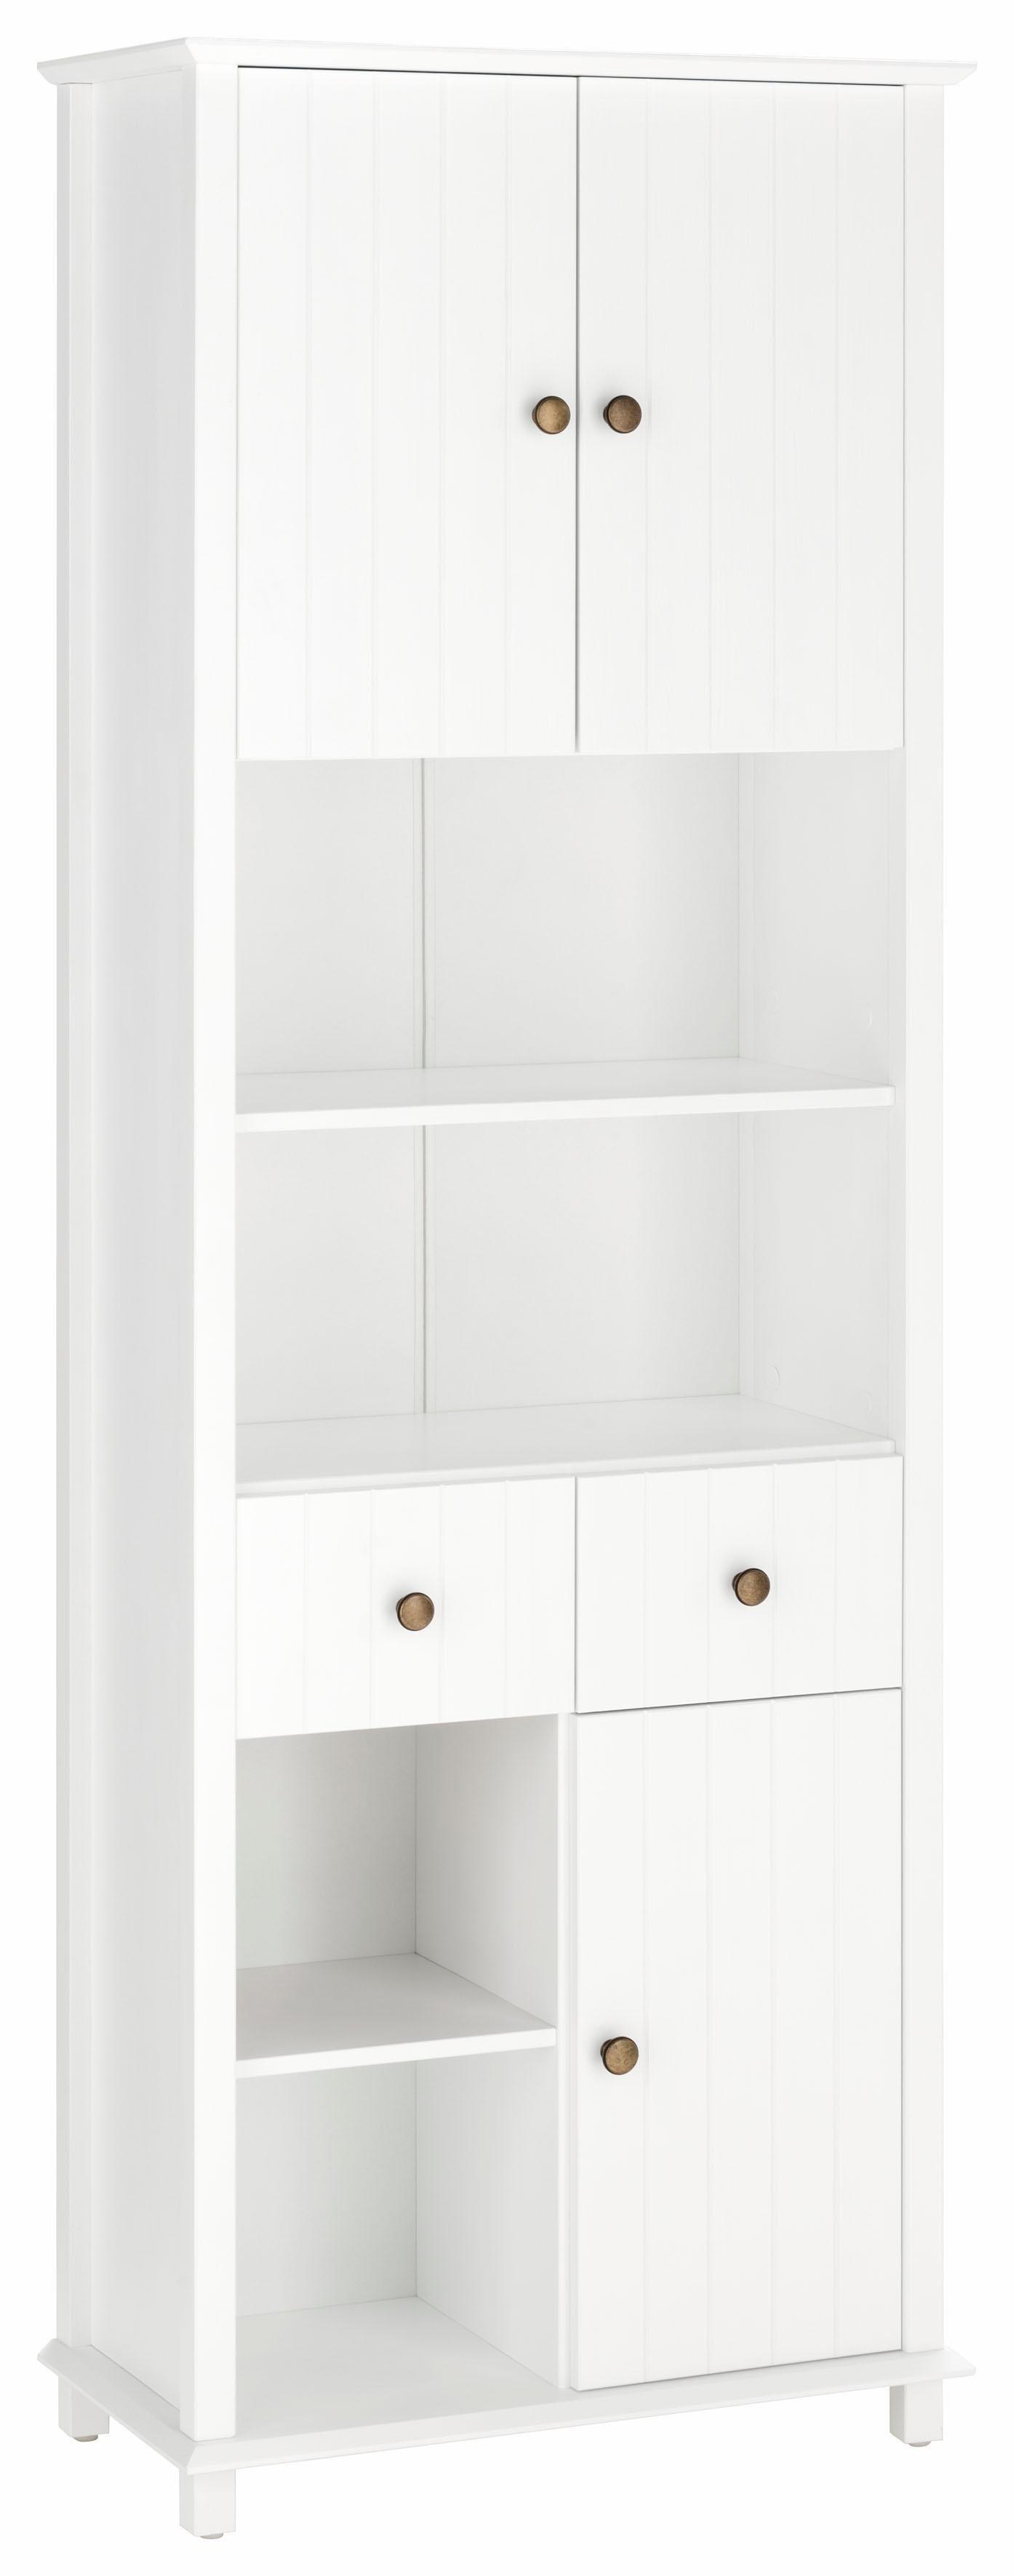 cotta Badezimmerschränke online kaufen | Möbel-Suchmaschine ...